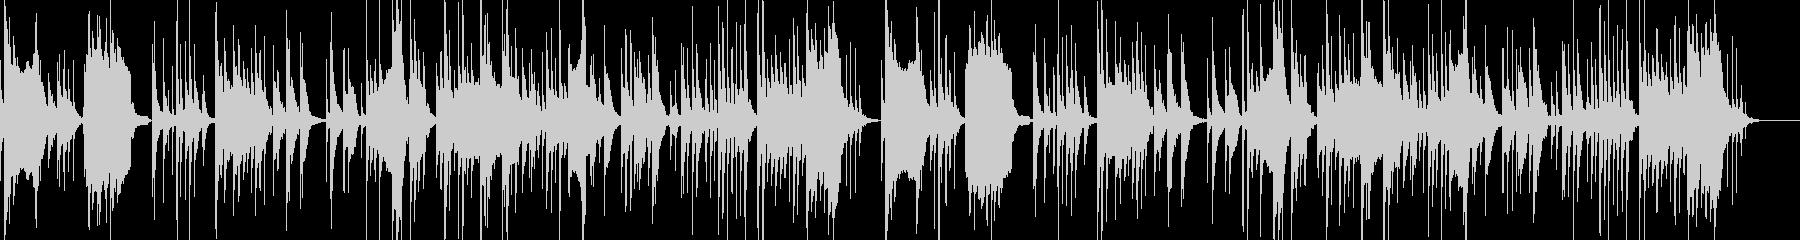 和風 お琴の調べと篠笛と鼓のBGMの未再生の波形